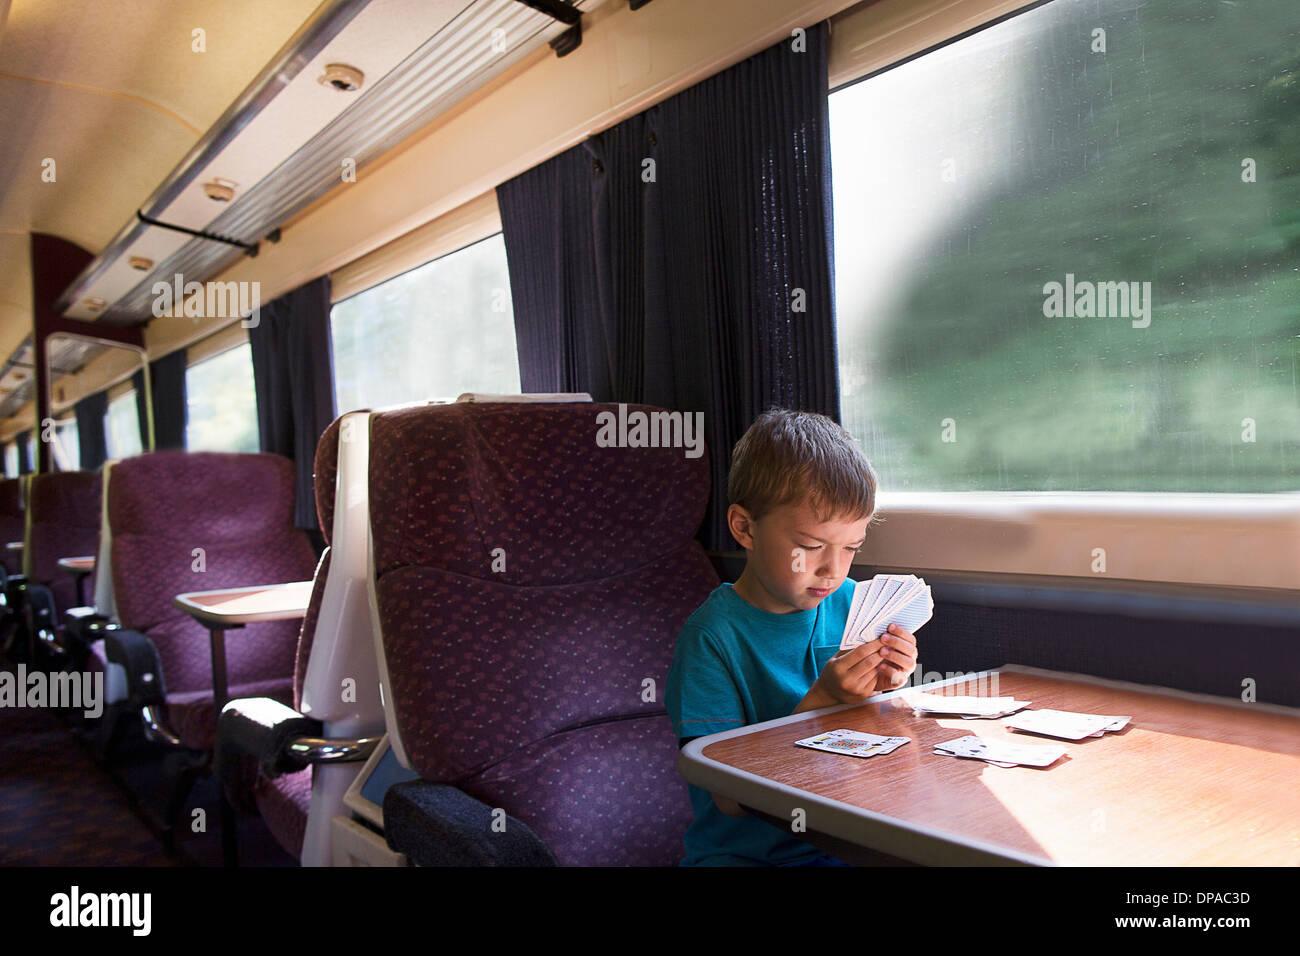 Giovane ragazzo giocando pazienza sul treno Immagini Stock